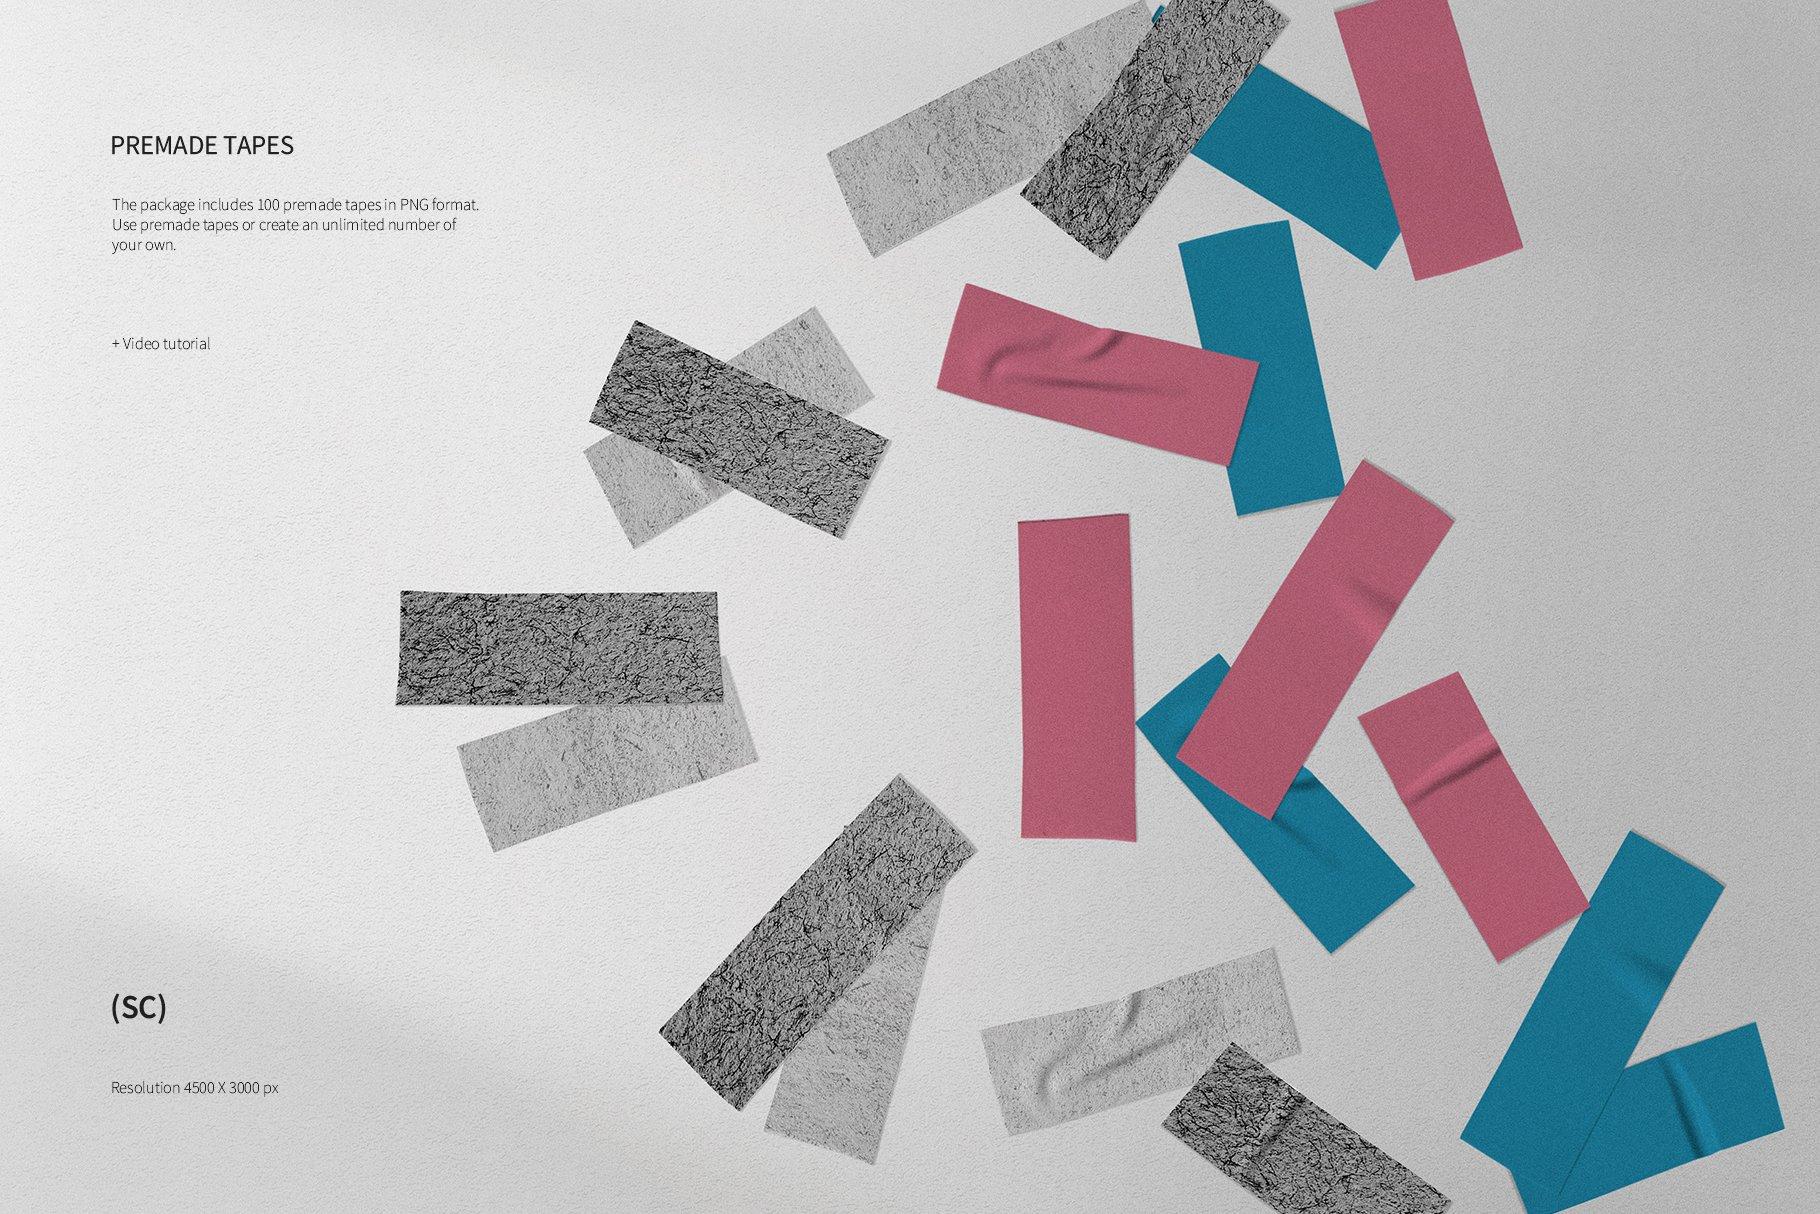 55款高清不干胶胶带贴纸PNG透明免抠图片素材 Tape Creator插图(9)